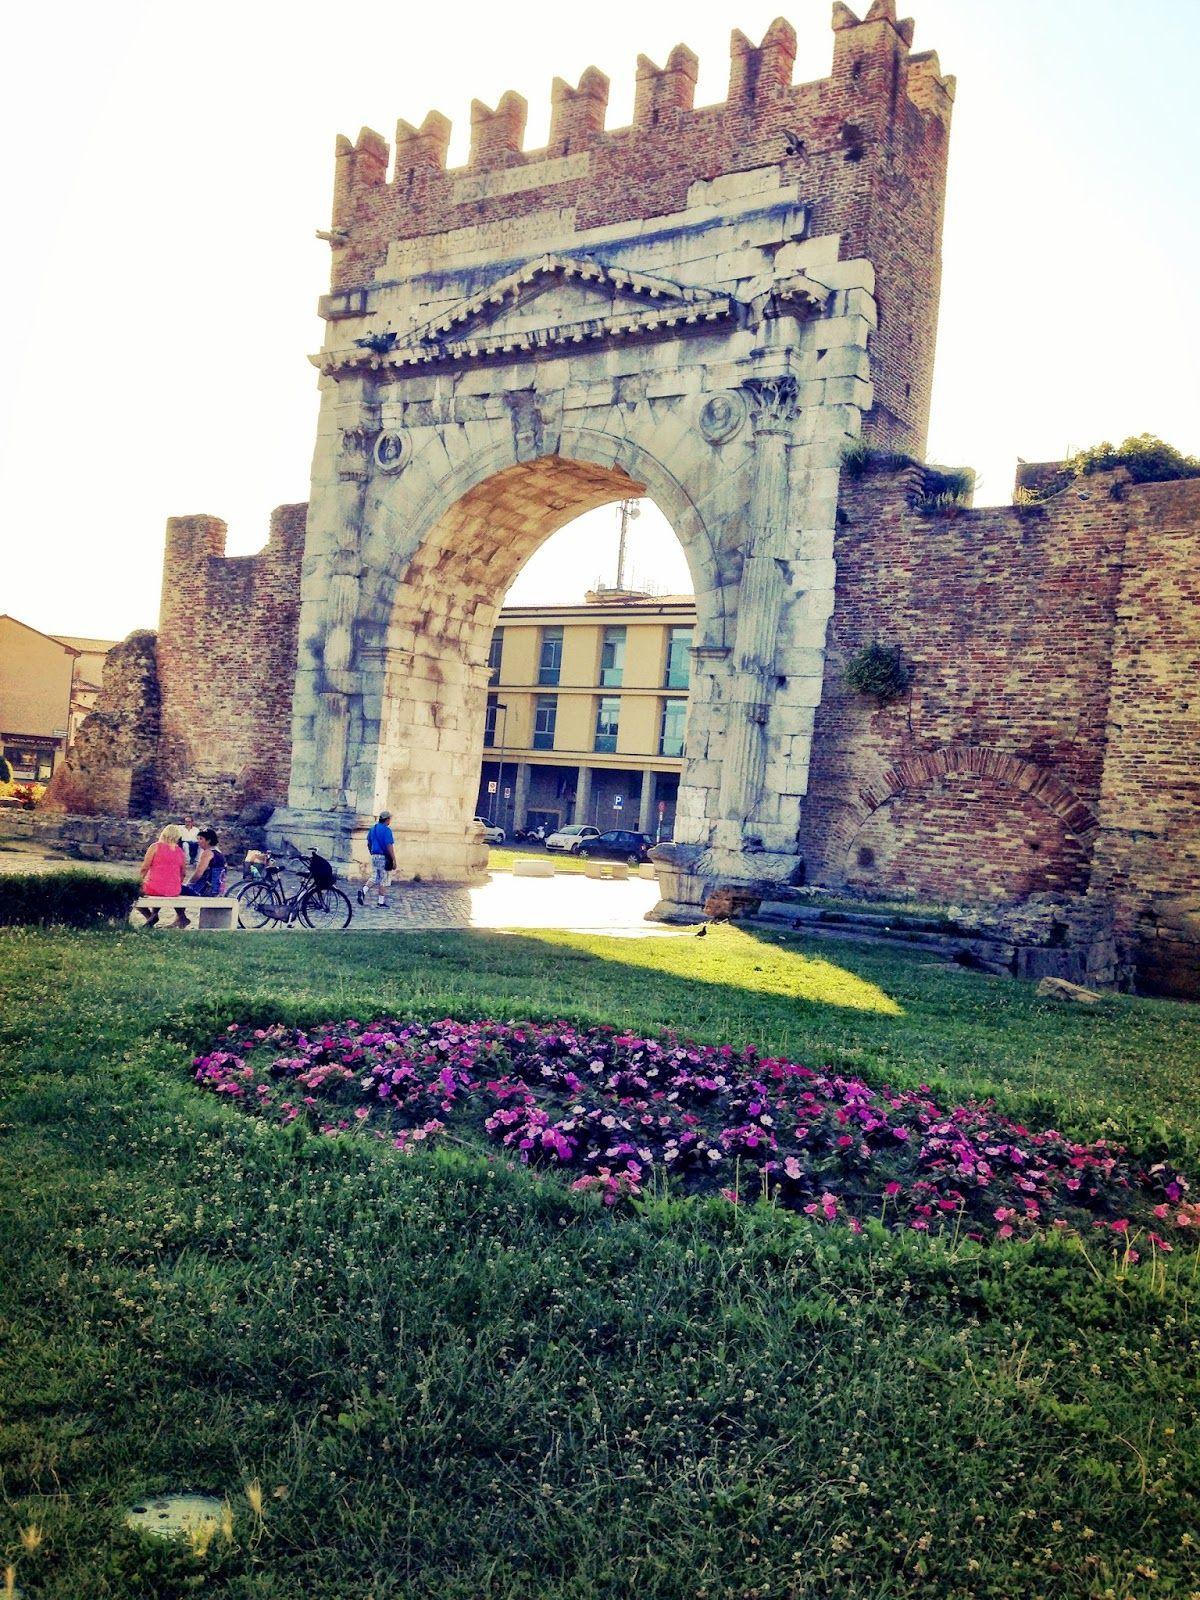 Mstraveltipsy -  Reiseblogg / Travel Blog: Rimini, Italyhttp://www.mstraveltipsy.com/2014/07/rimini-italy.html#axzz36909YKj4